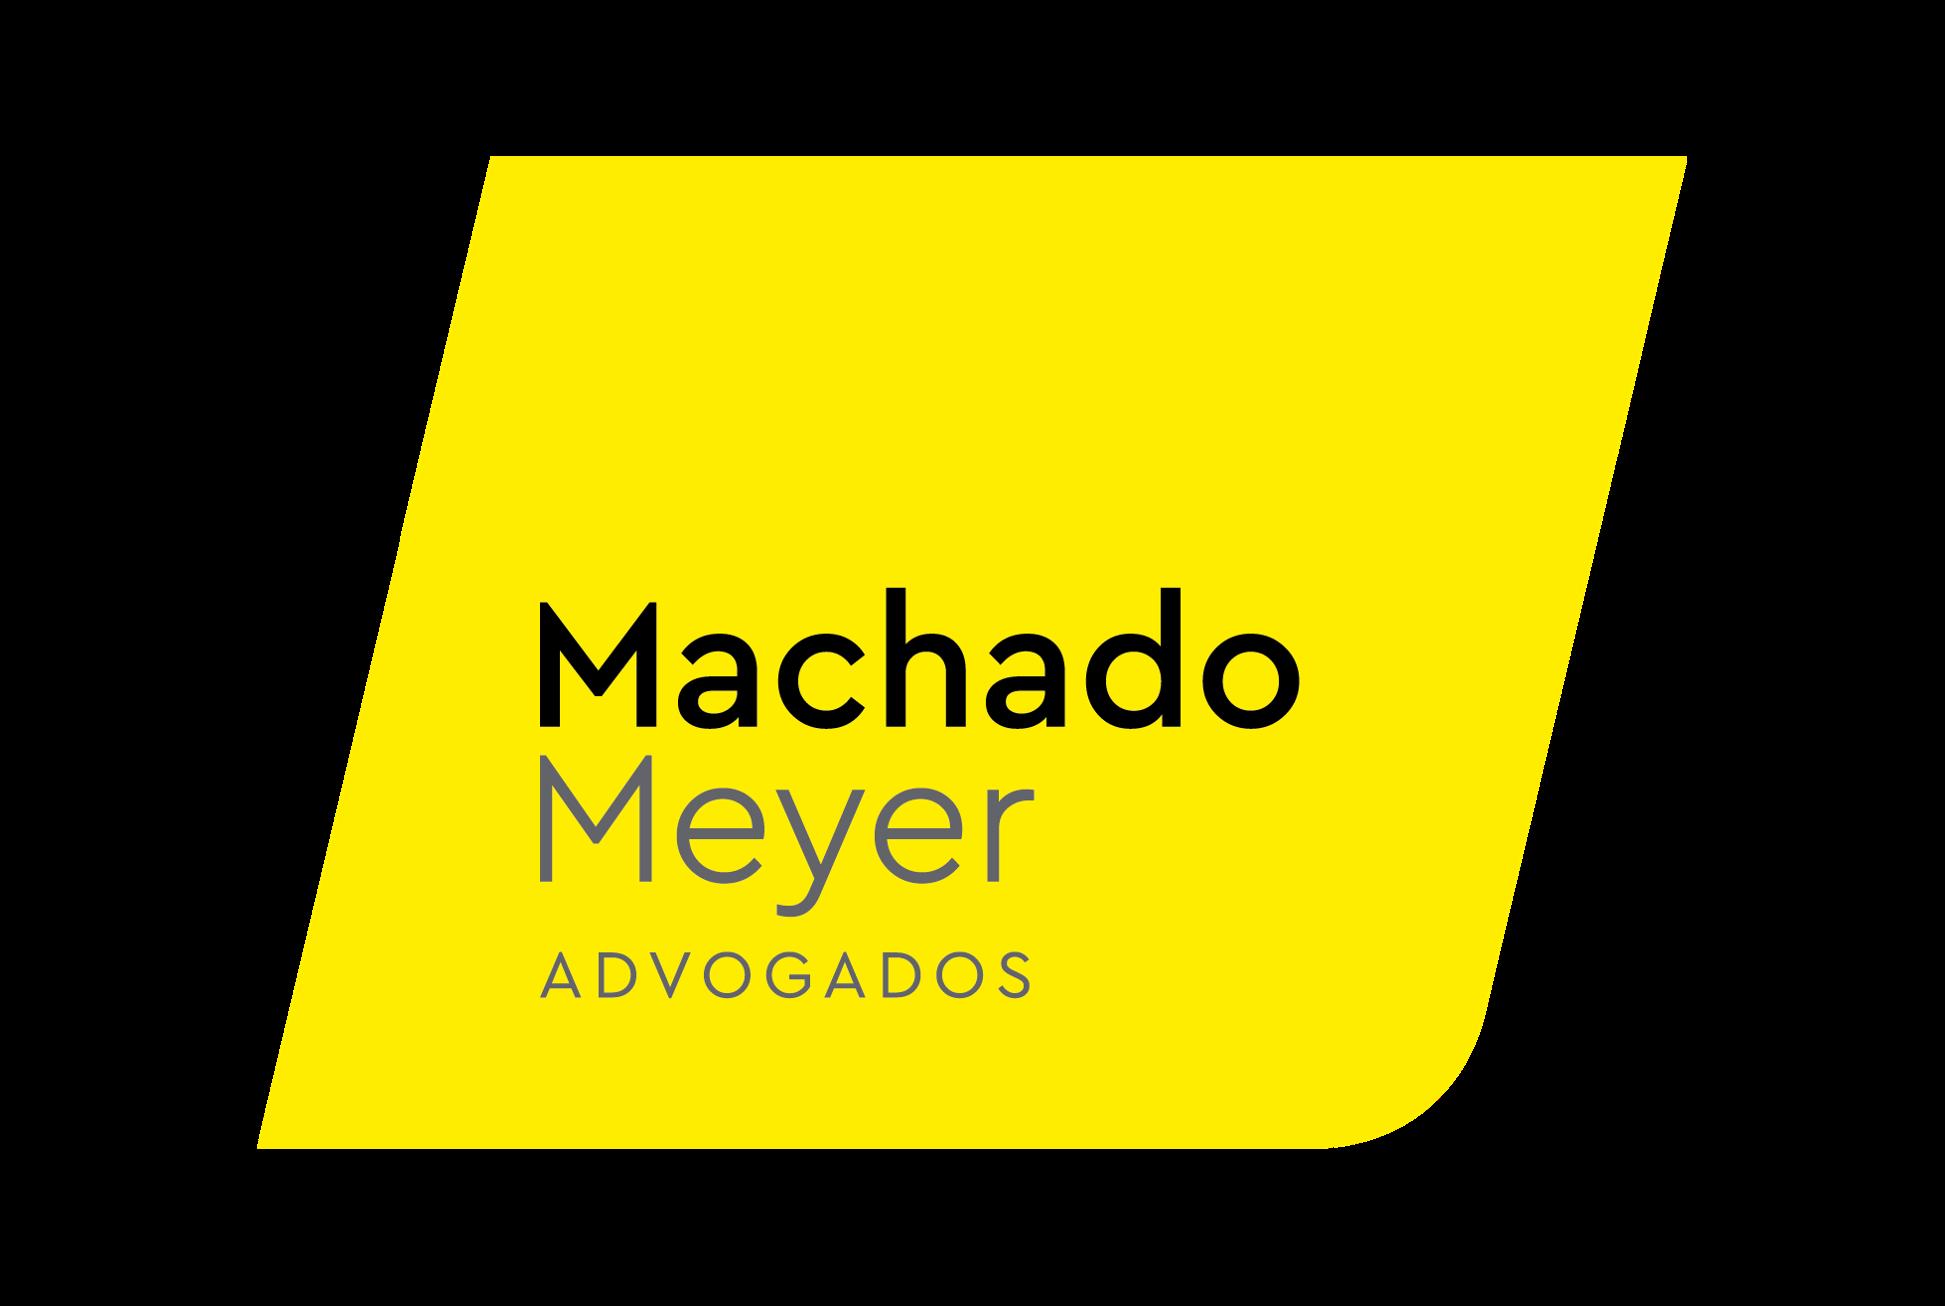 Machado Meyer